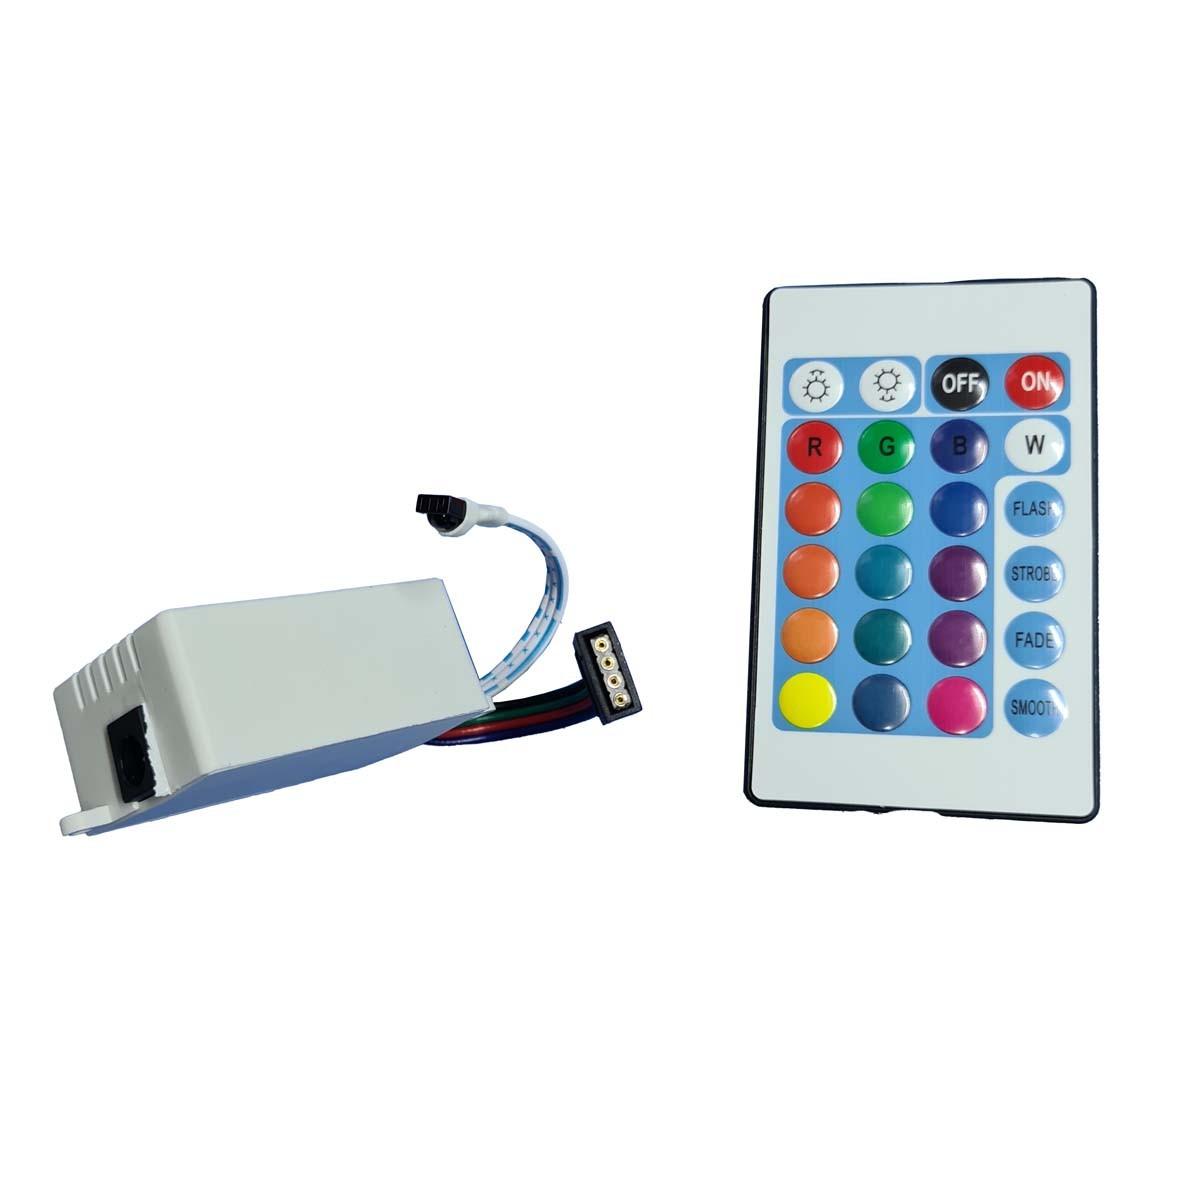 Kit Controle E Controladora De Fita Led Rgb Via 5050 E 3528